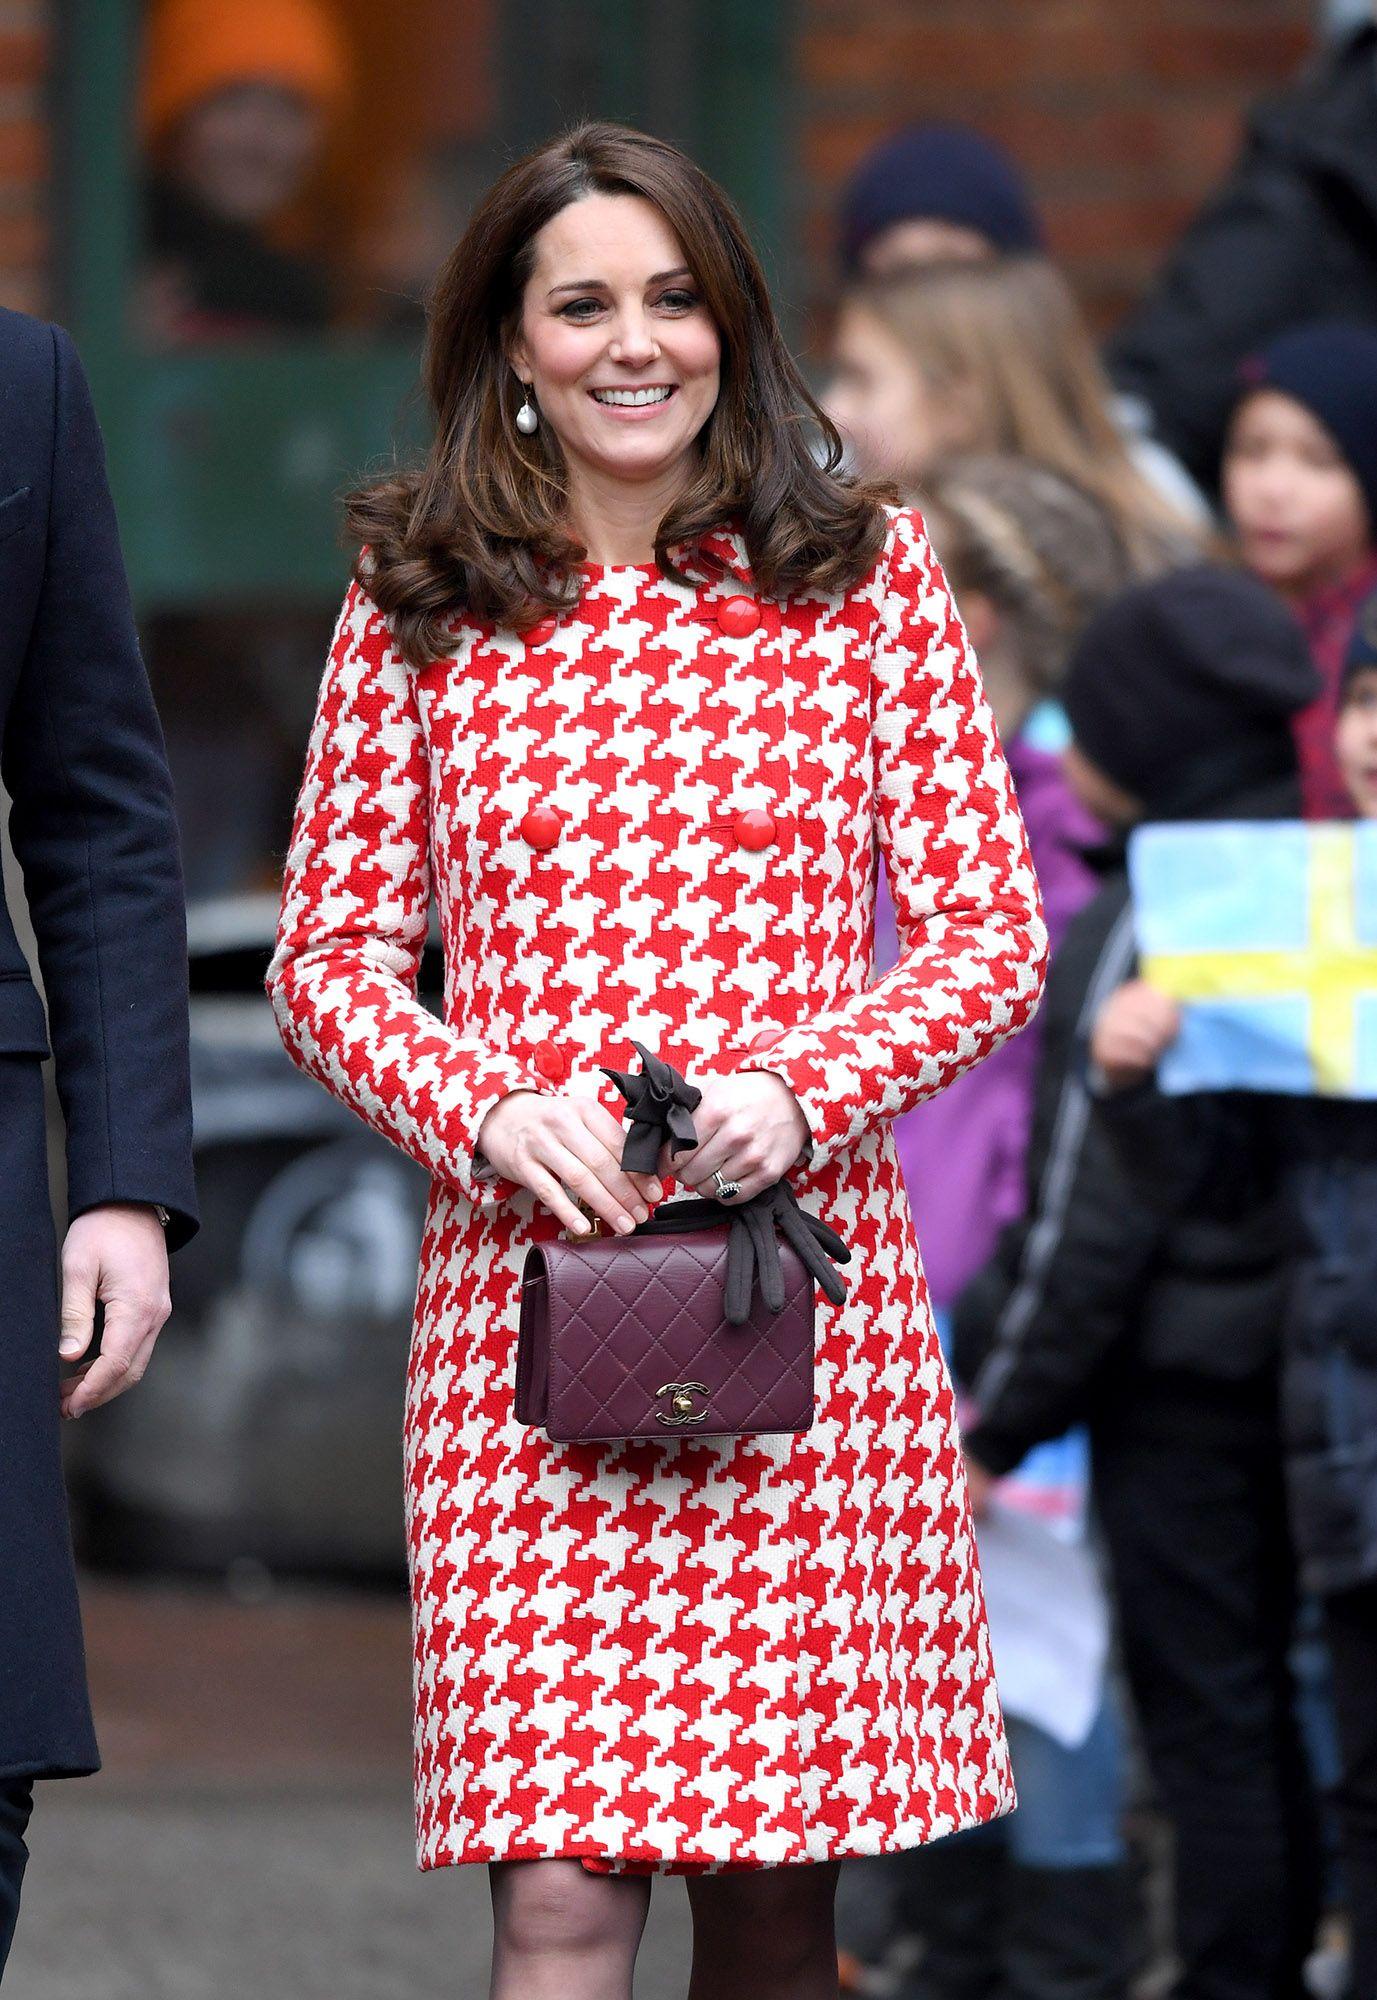 хаотично скомбинировать герцогиня кембриджская последние новости фото вы, что знаменитый